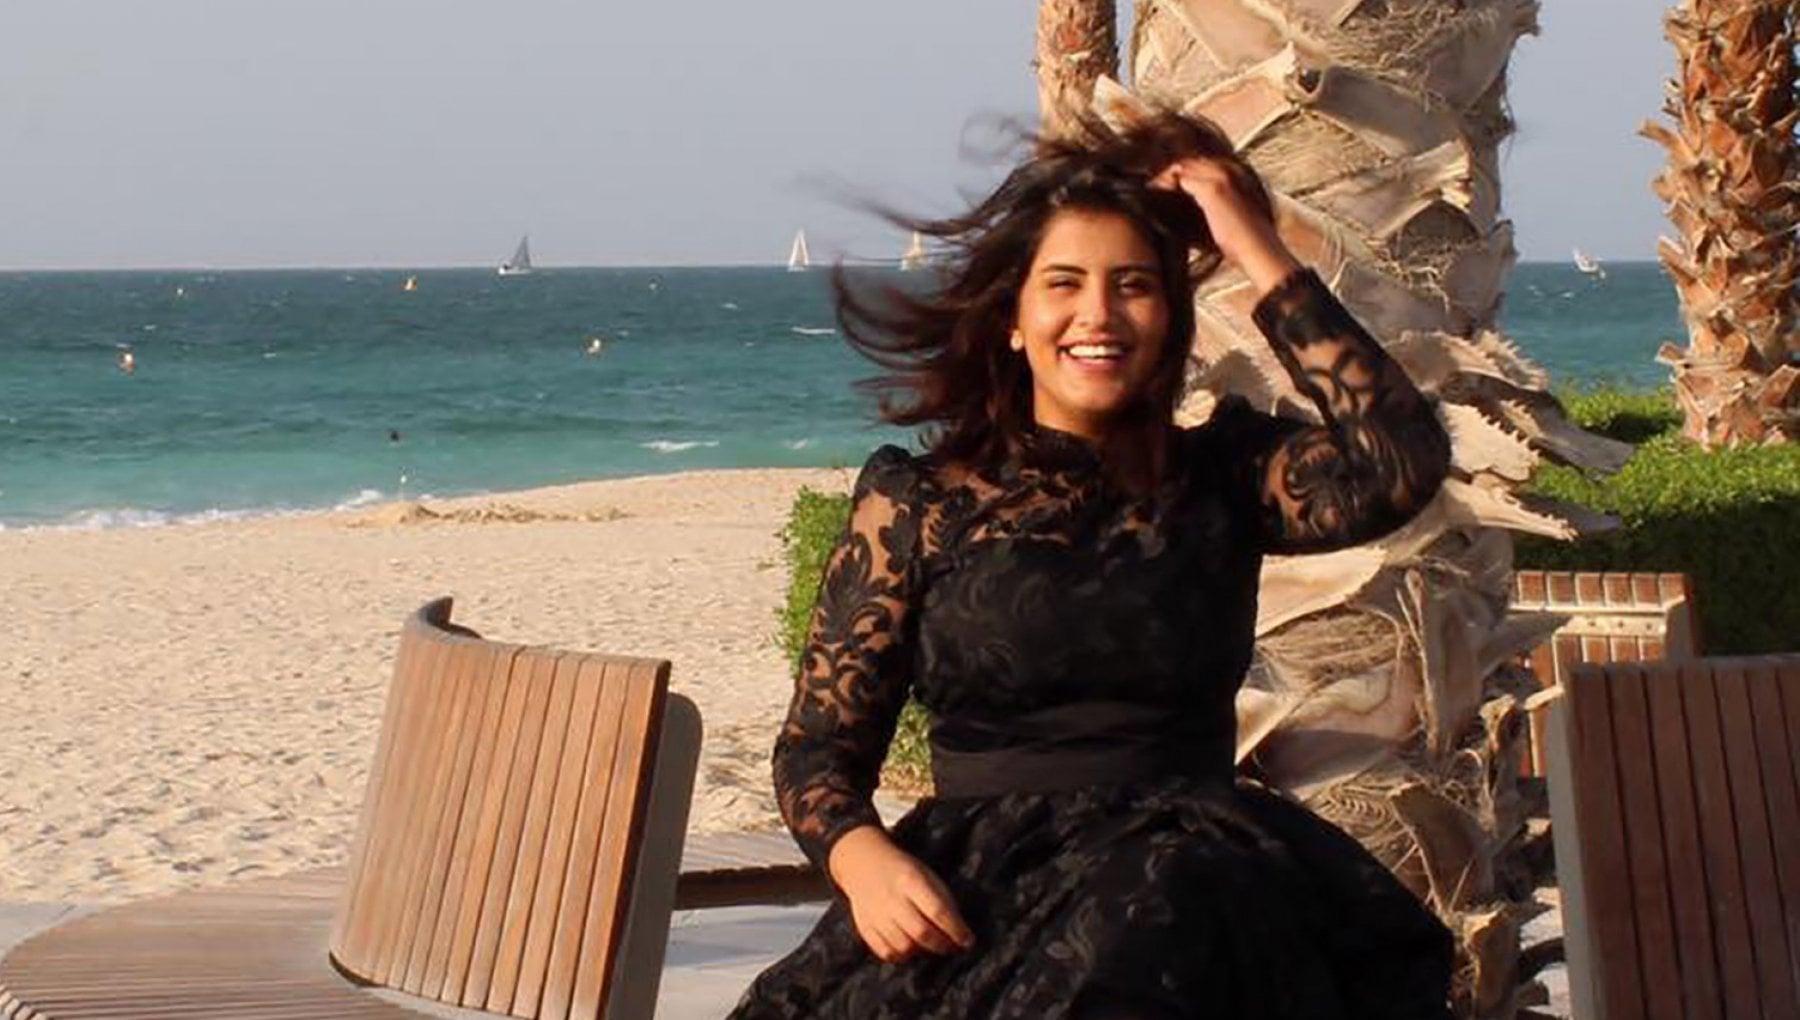 Arabia Saudita condannata a 5 anni Loujain al Hathloul attivista per i diritti delle donne